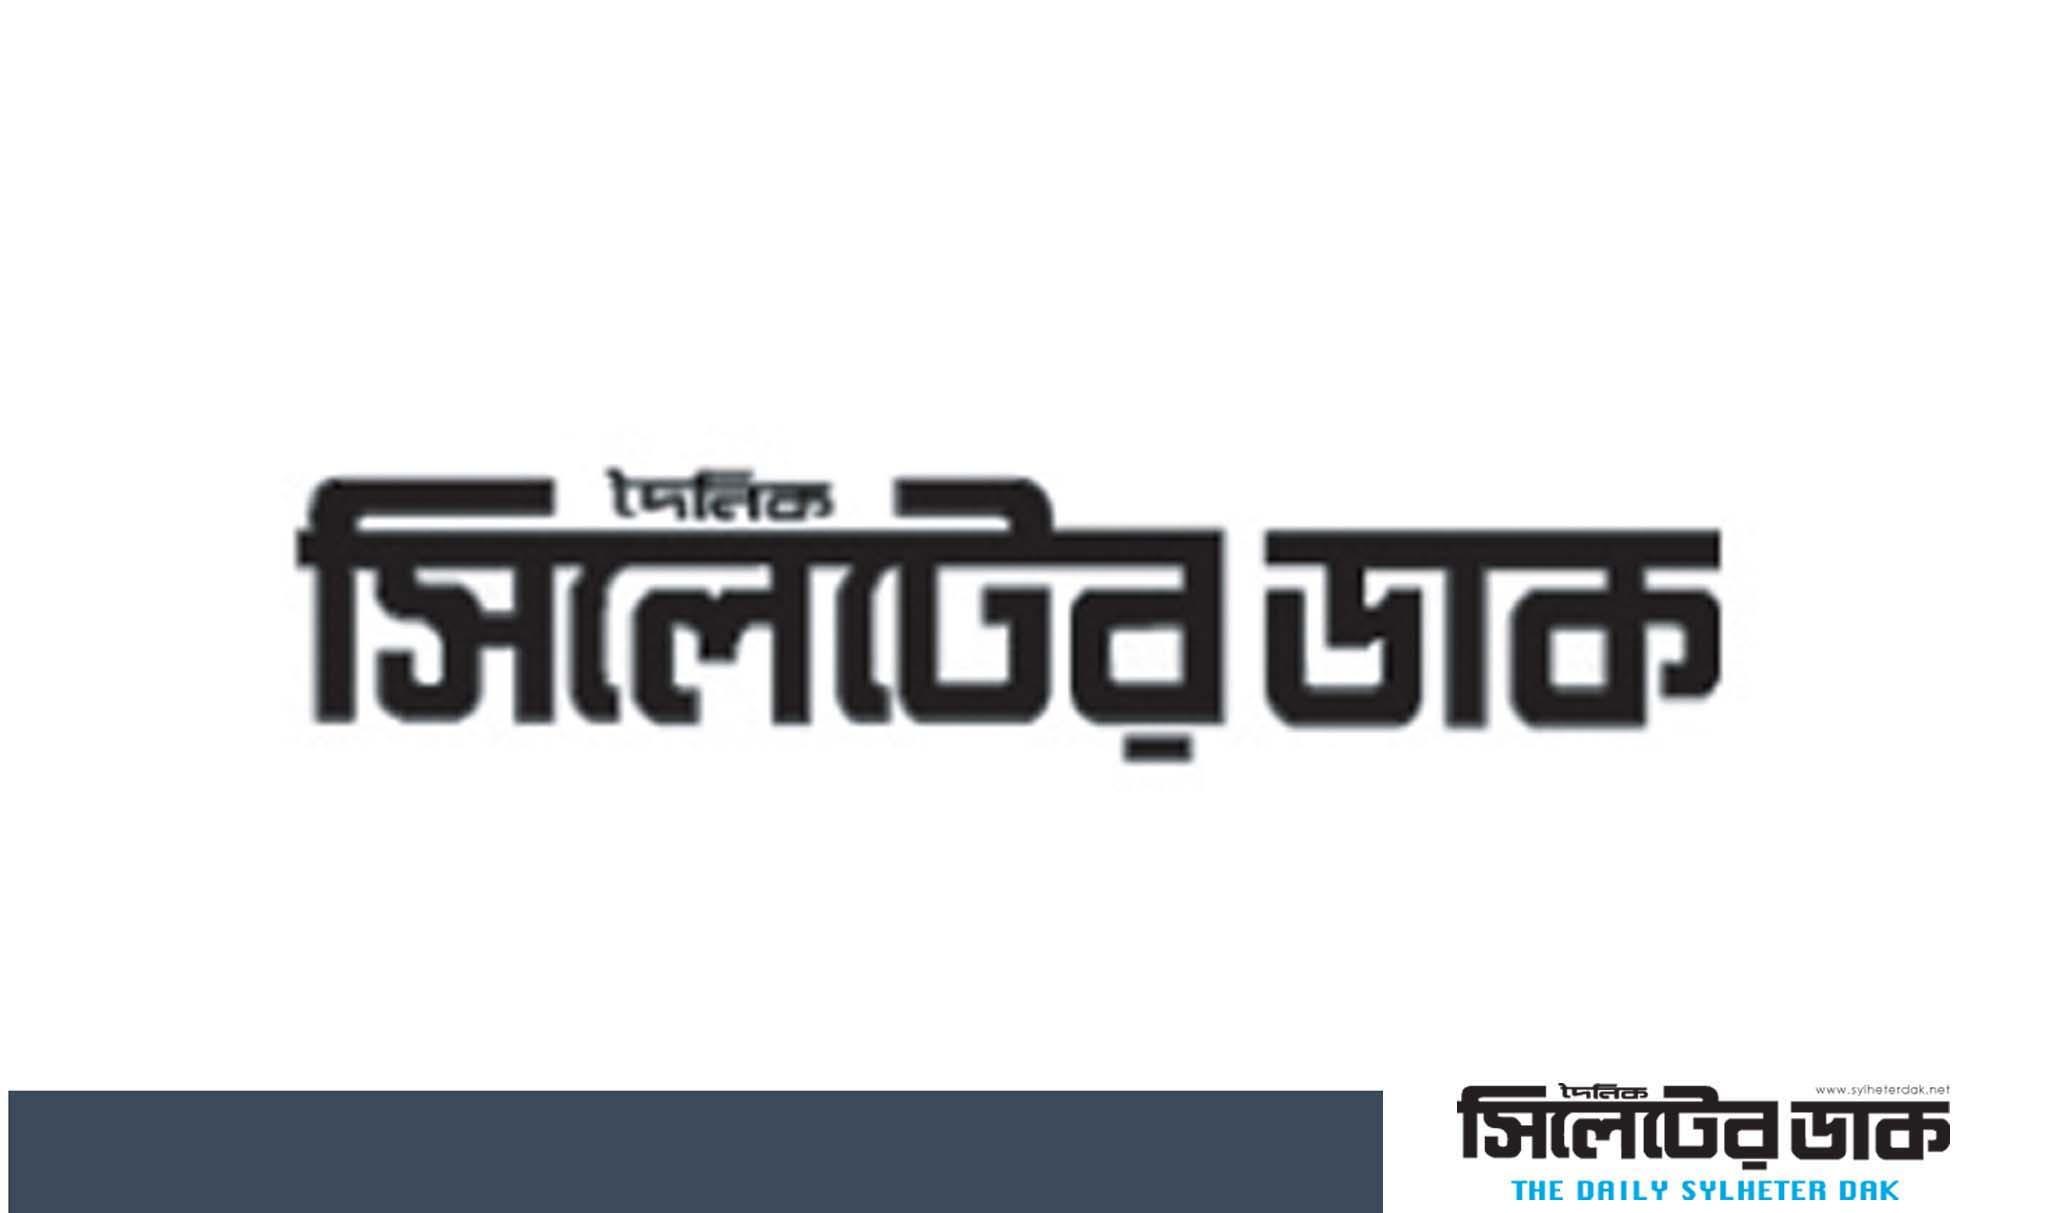 খালেদা জিয়ার মুক্তির মেয়াদ বাড়ানোর বিষয়টি প্রক্রিয়াধীন: স্বরাষ্ট্রমন্ত্রী